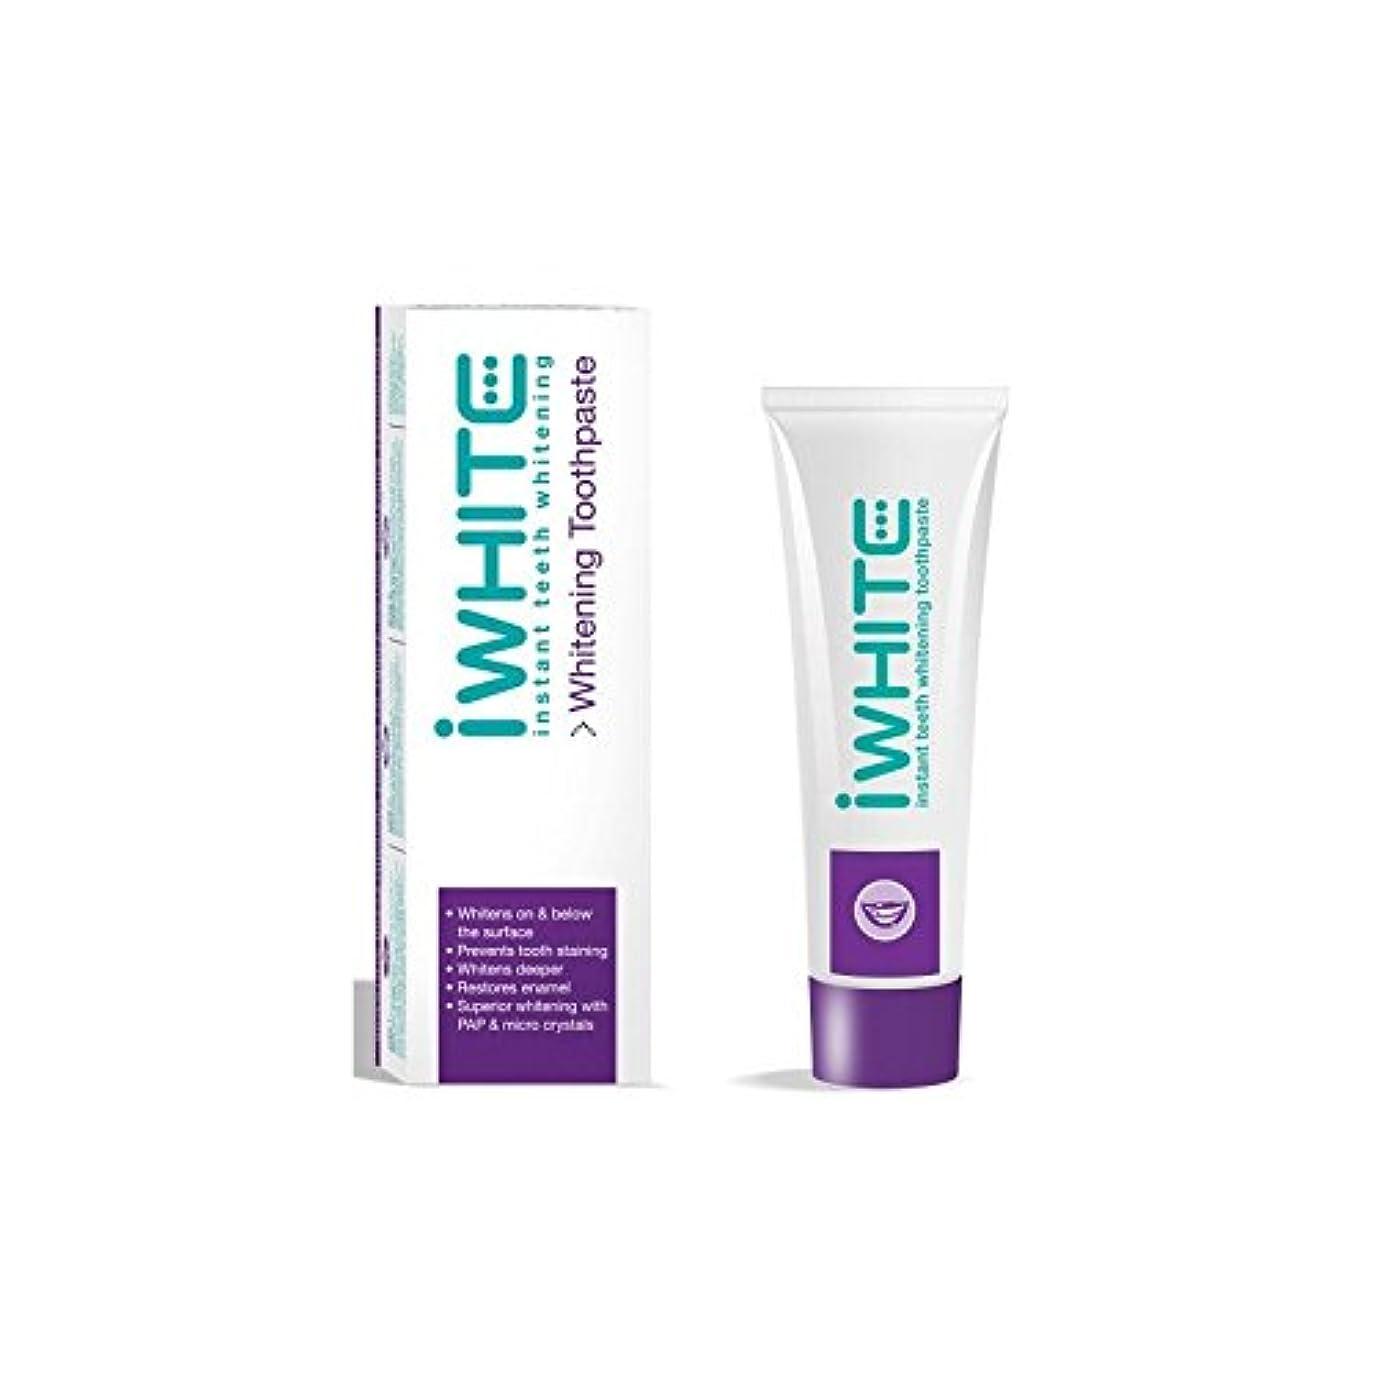 理論的休憩する浴室歯磨き粉を白くインスタント歯(75ミリリットル) x2 - iWhite Instant Teeth Whitening Toothpaste (75ml) (Pack of 2) [並行輸入品]